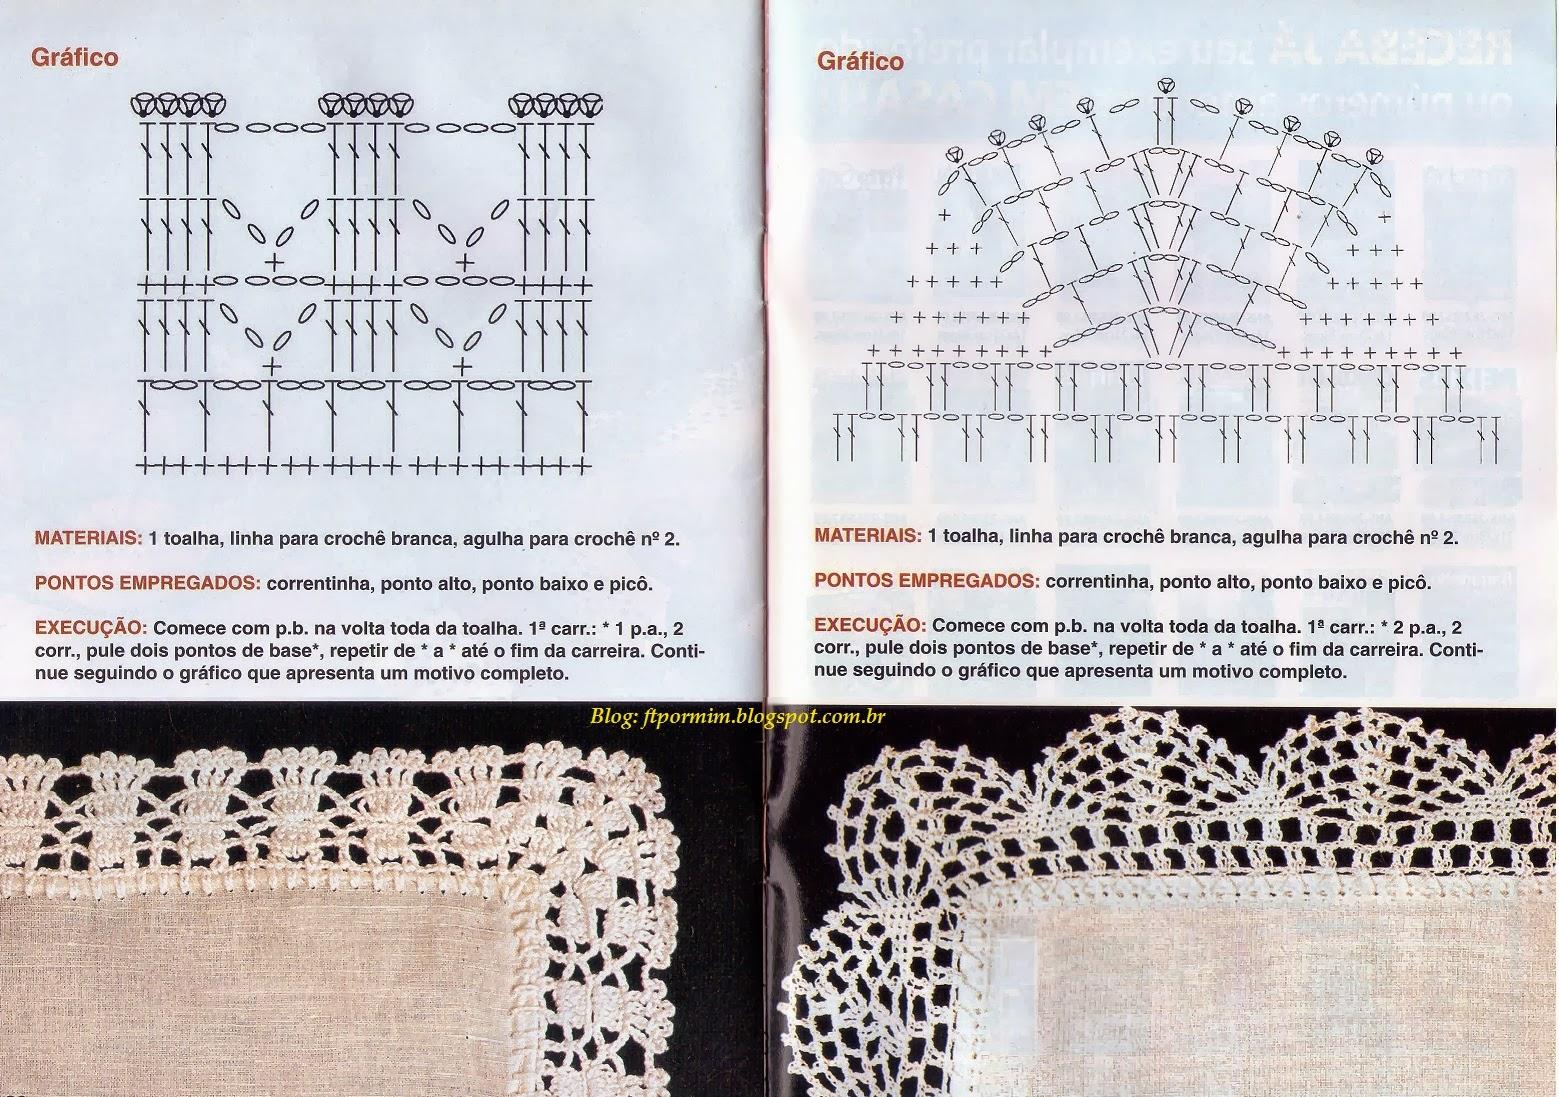 toalhas de tecido com bicos de crochê